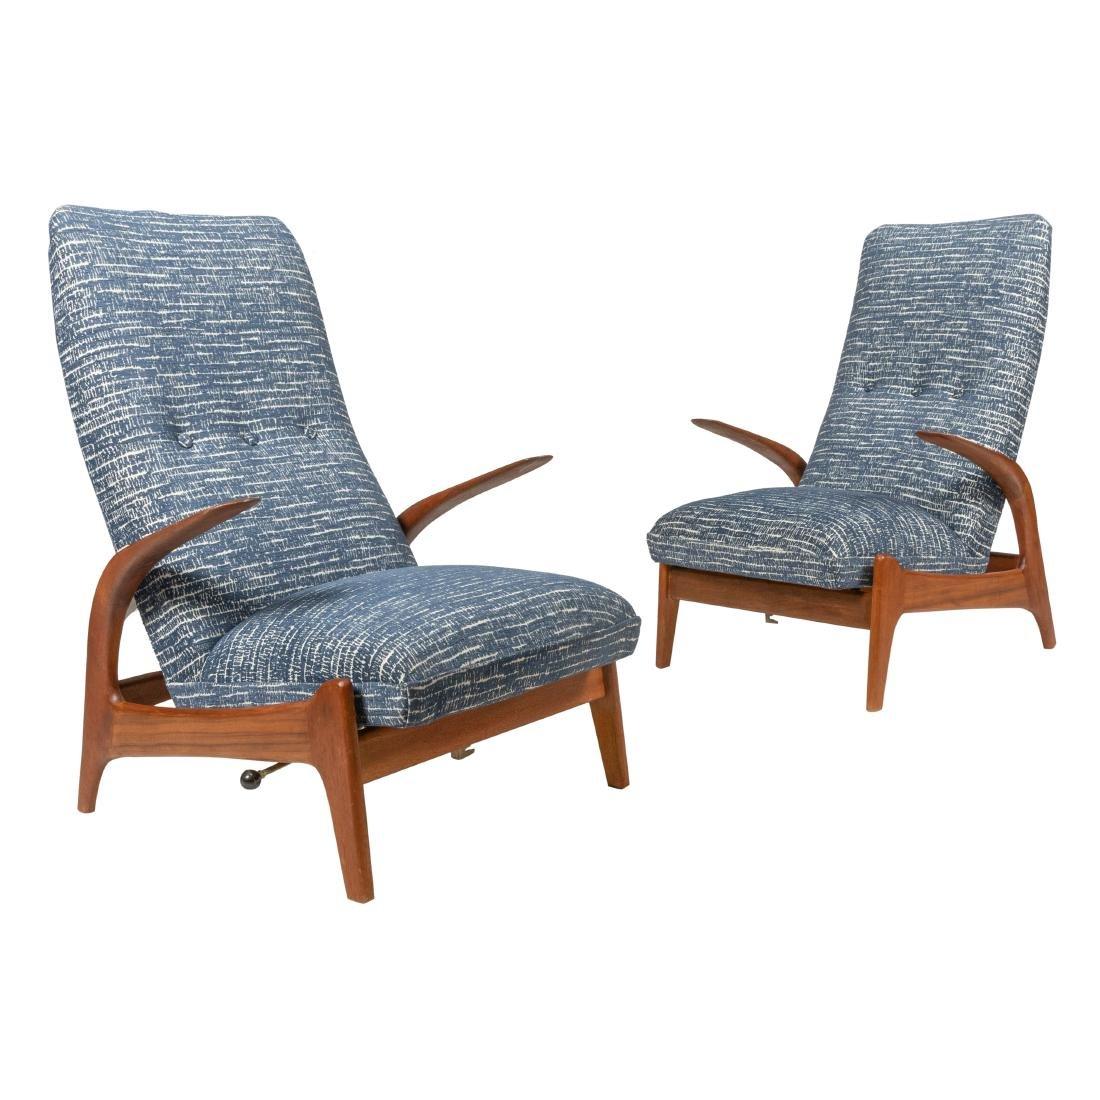 Norwegian Lounge Chairs - Pair